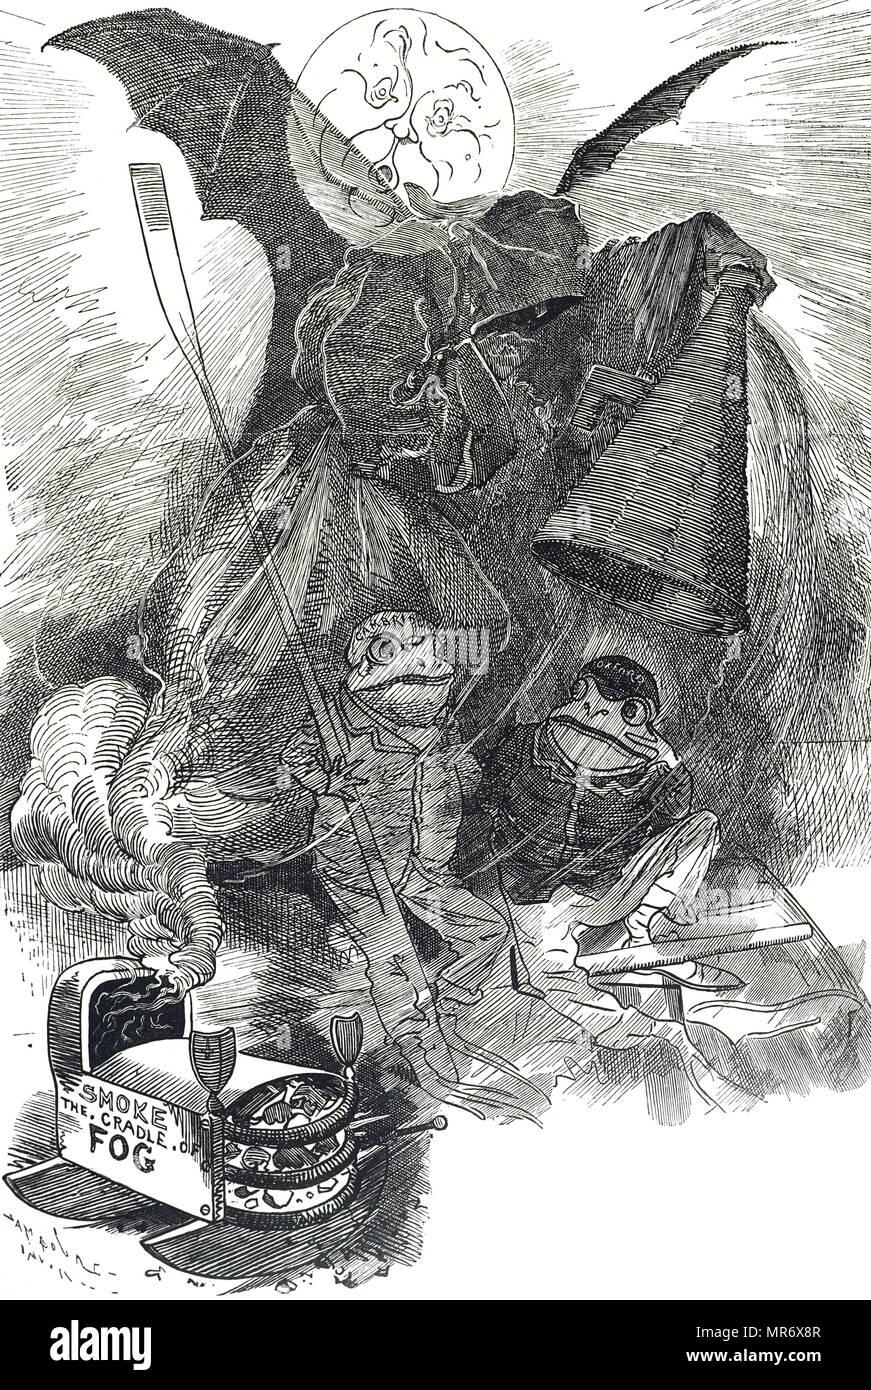 Cartoon mit der Darstellung eines Boat Race Londoner Nebel zum Opfer zu fallen. Vom 19. Jahrhundert Stockbild